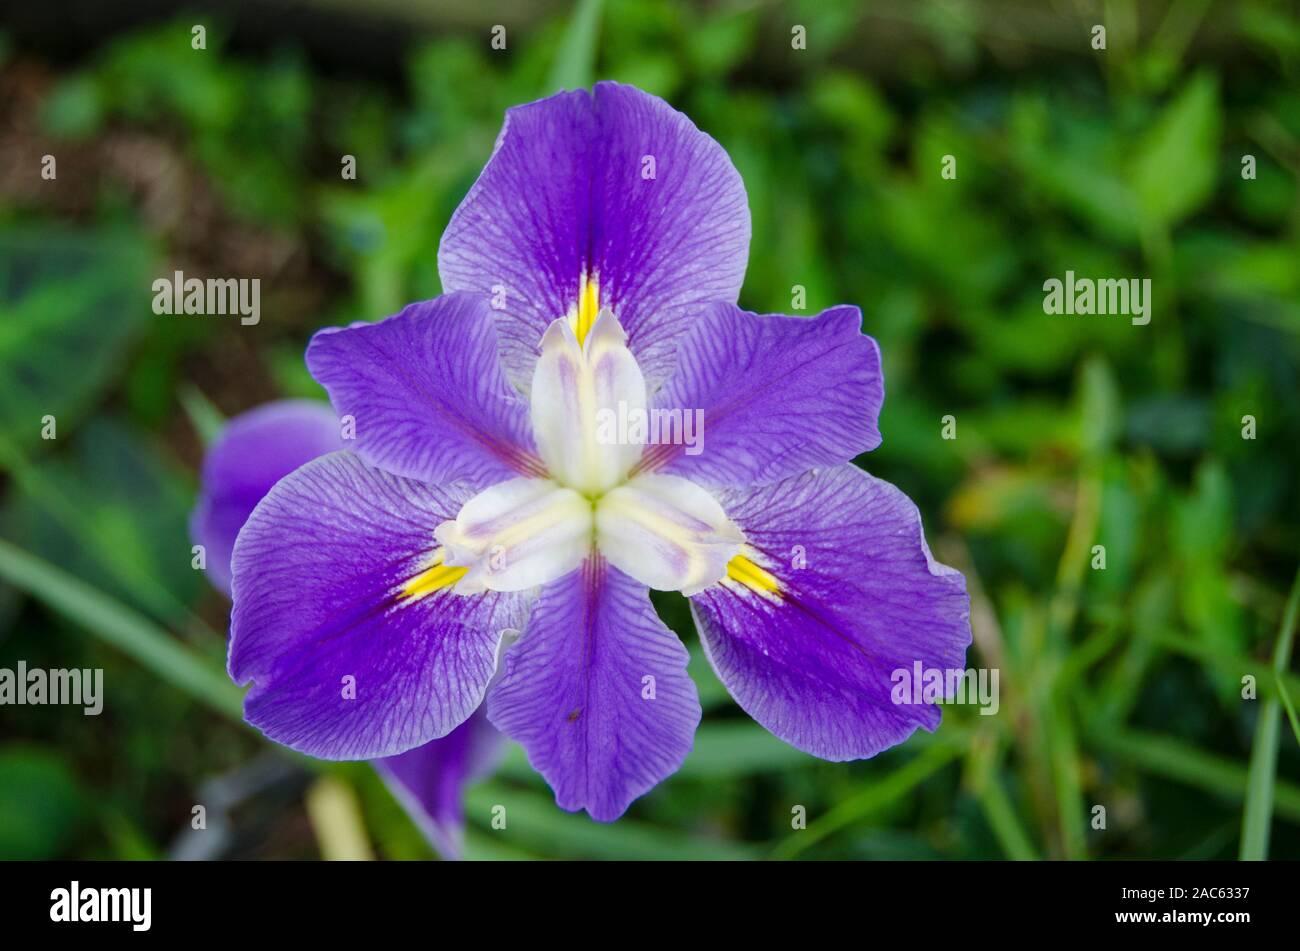 Una vista cercana de un púrpura Iris en plena floración en la Isla Grande. Foto de stock